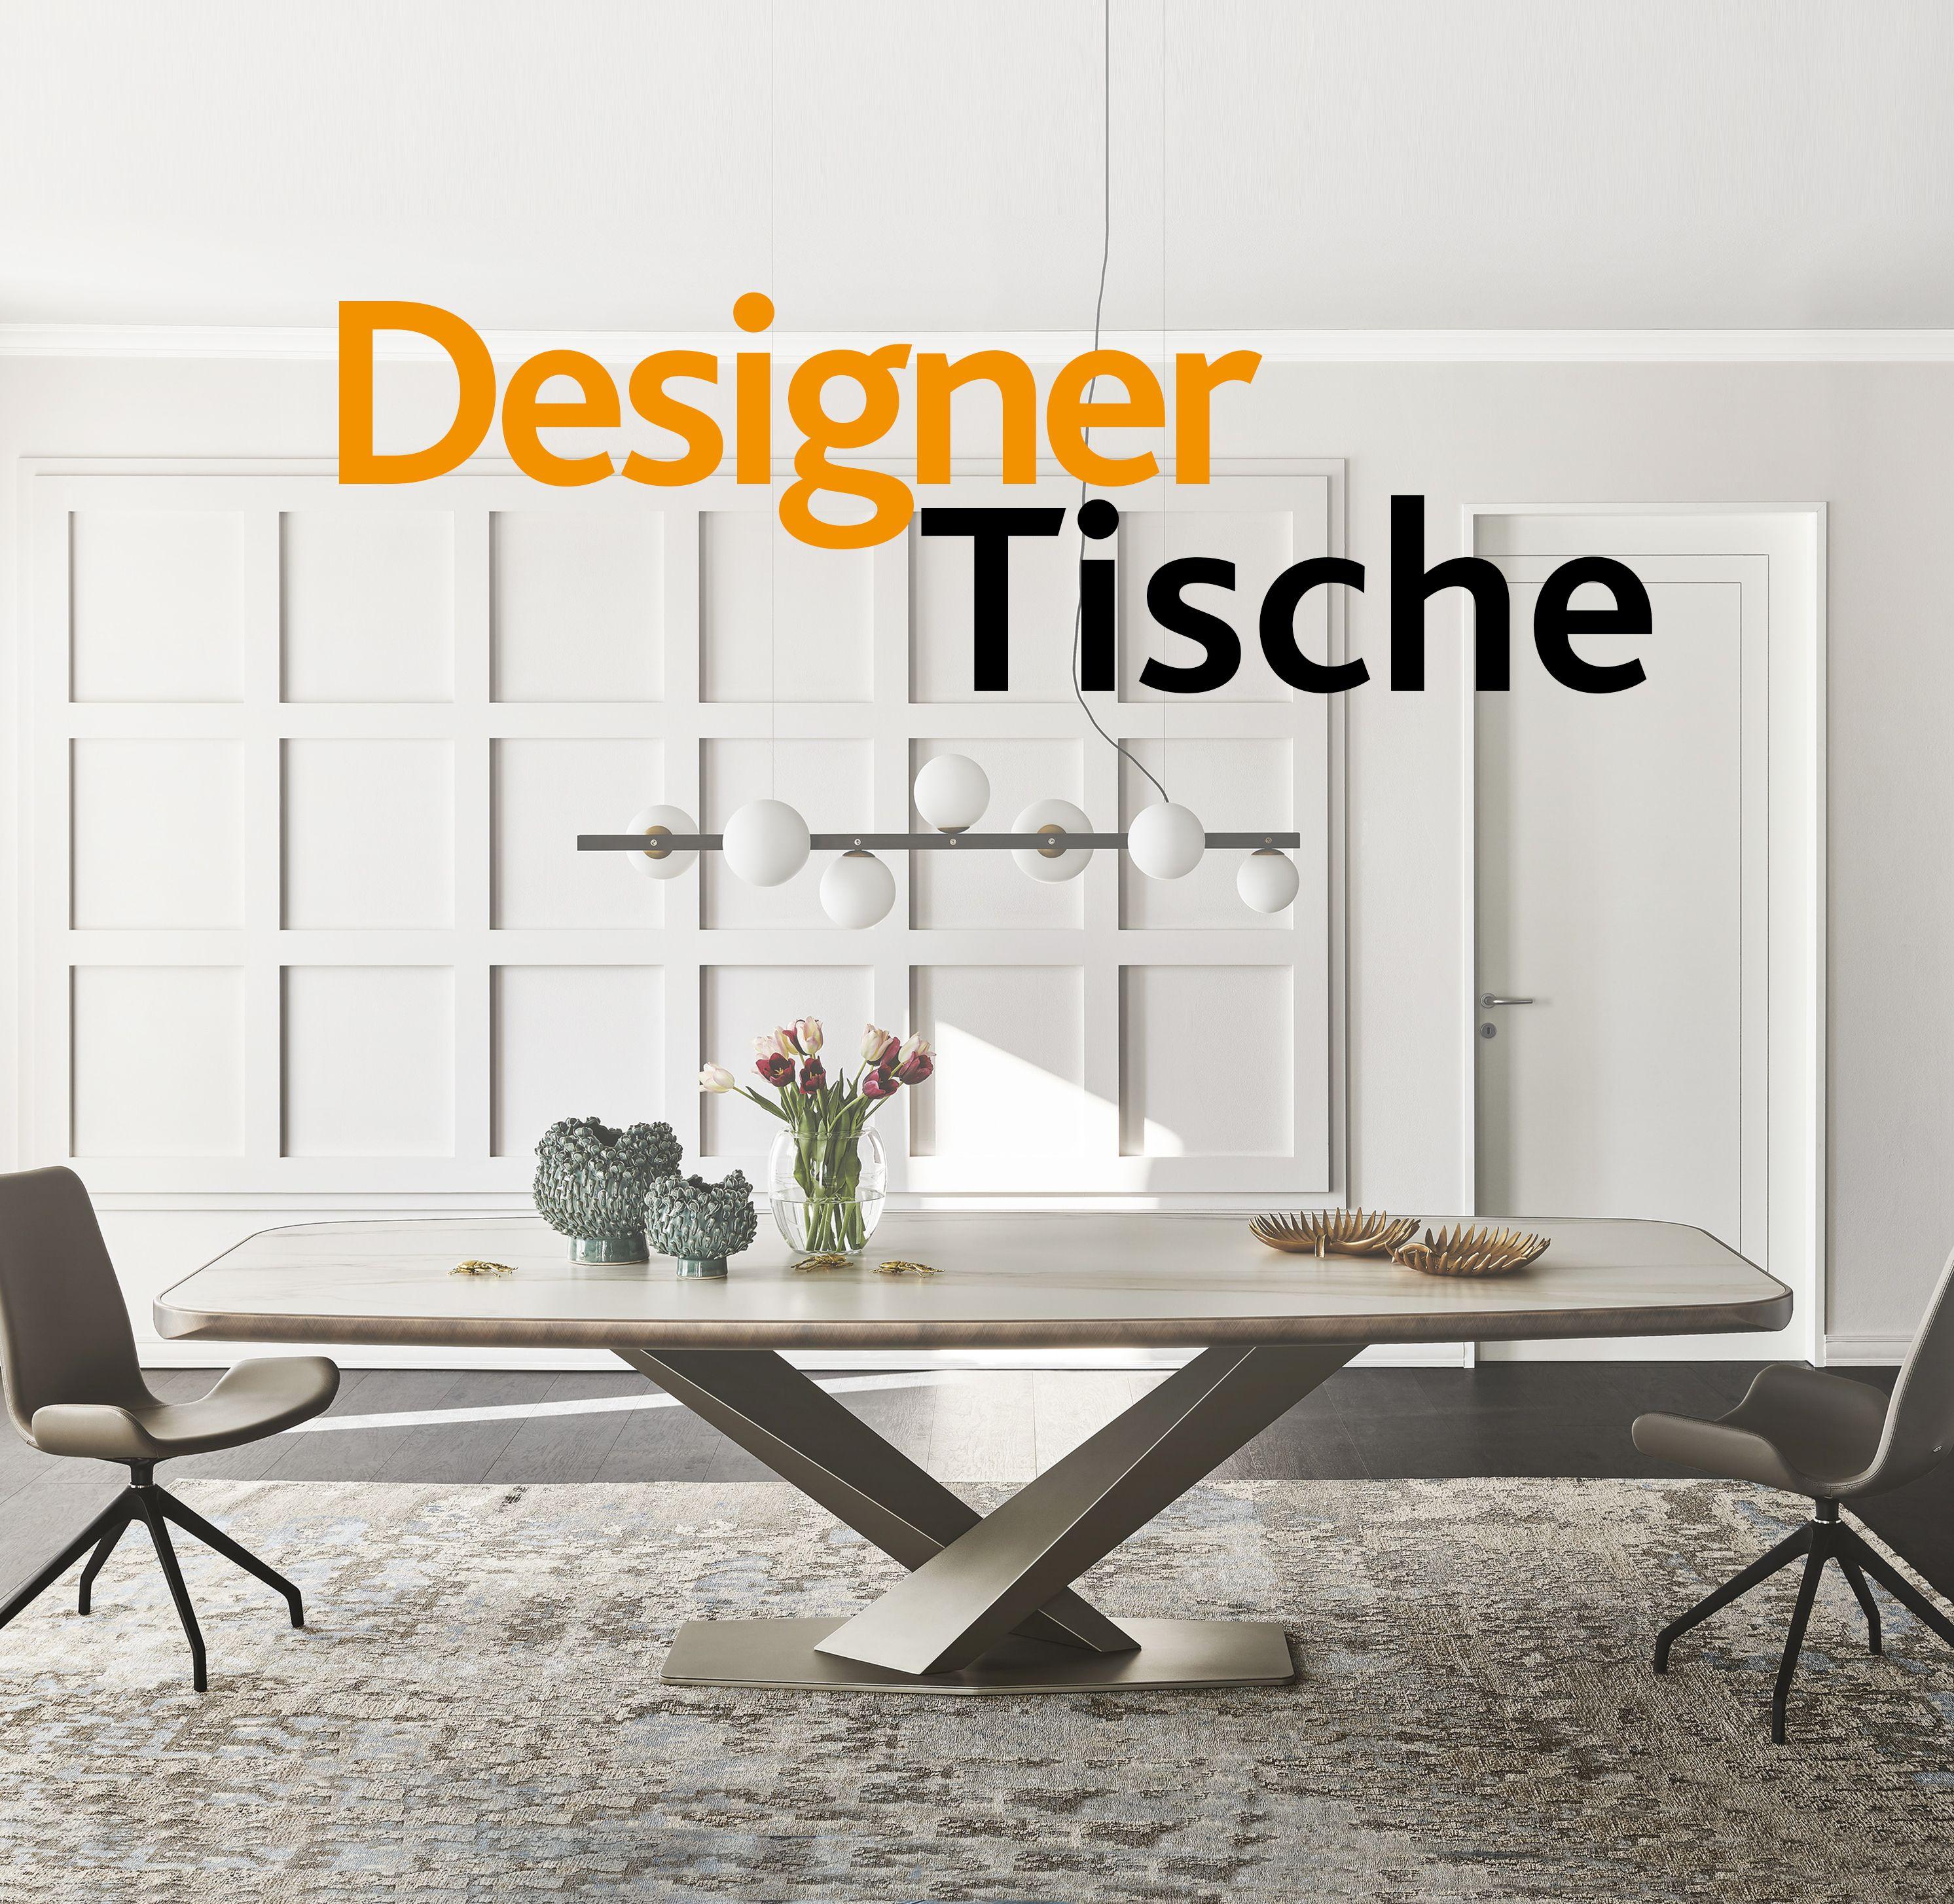 Italienische Designtische entdecken! | Design tisch